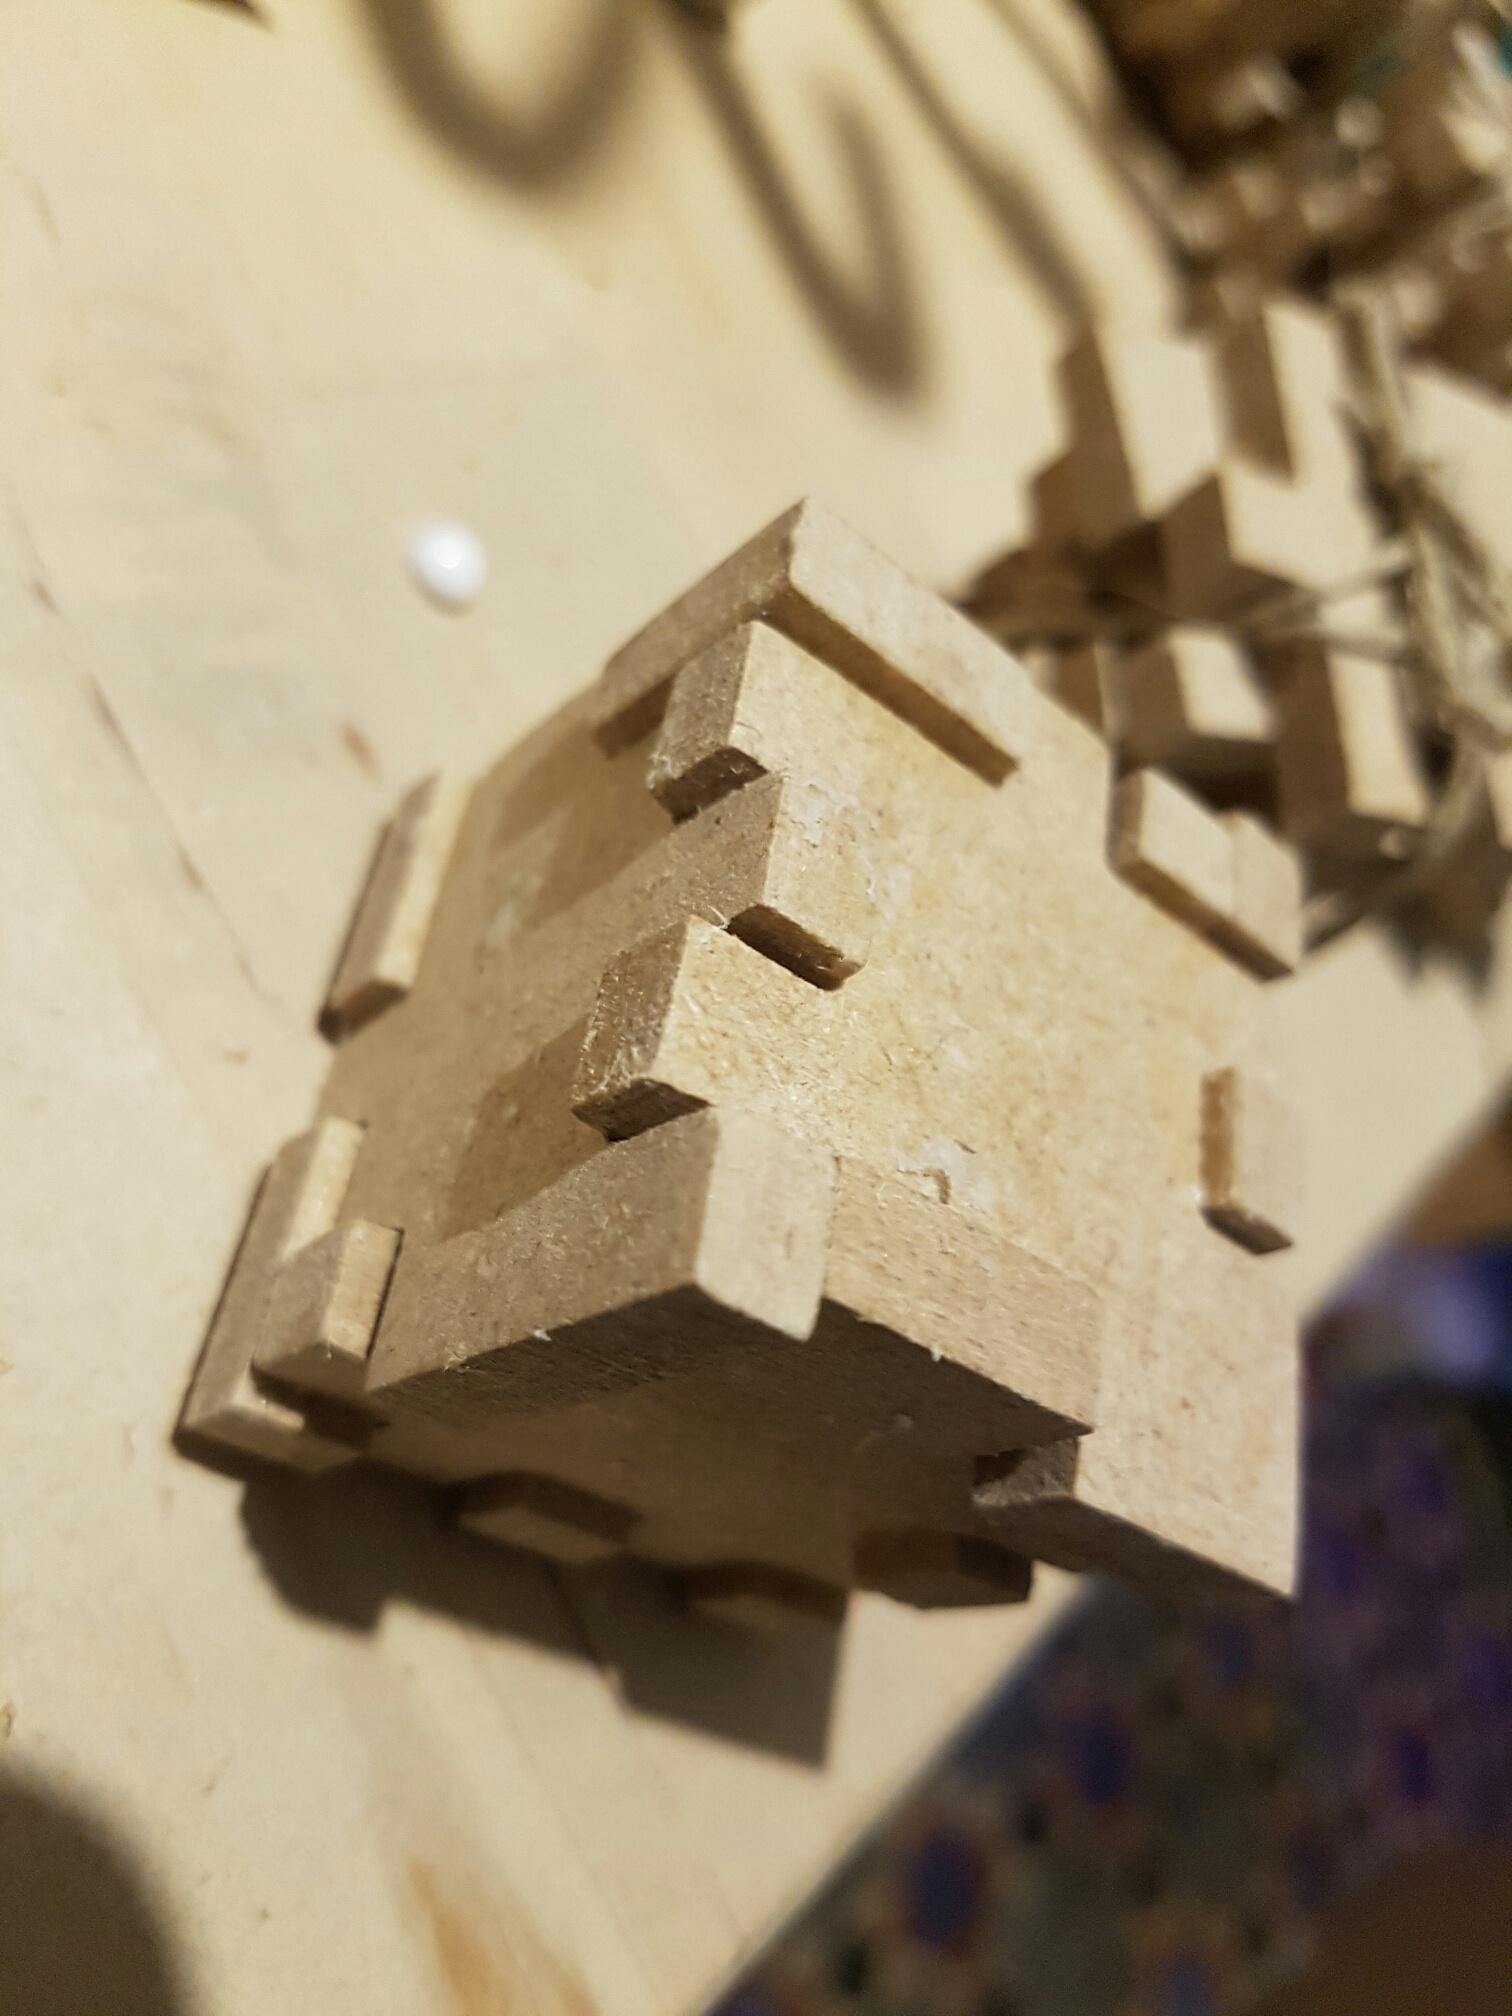 Un cube puzzle 3d en 6 pièces